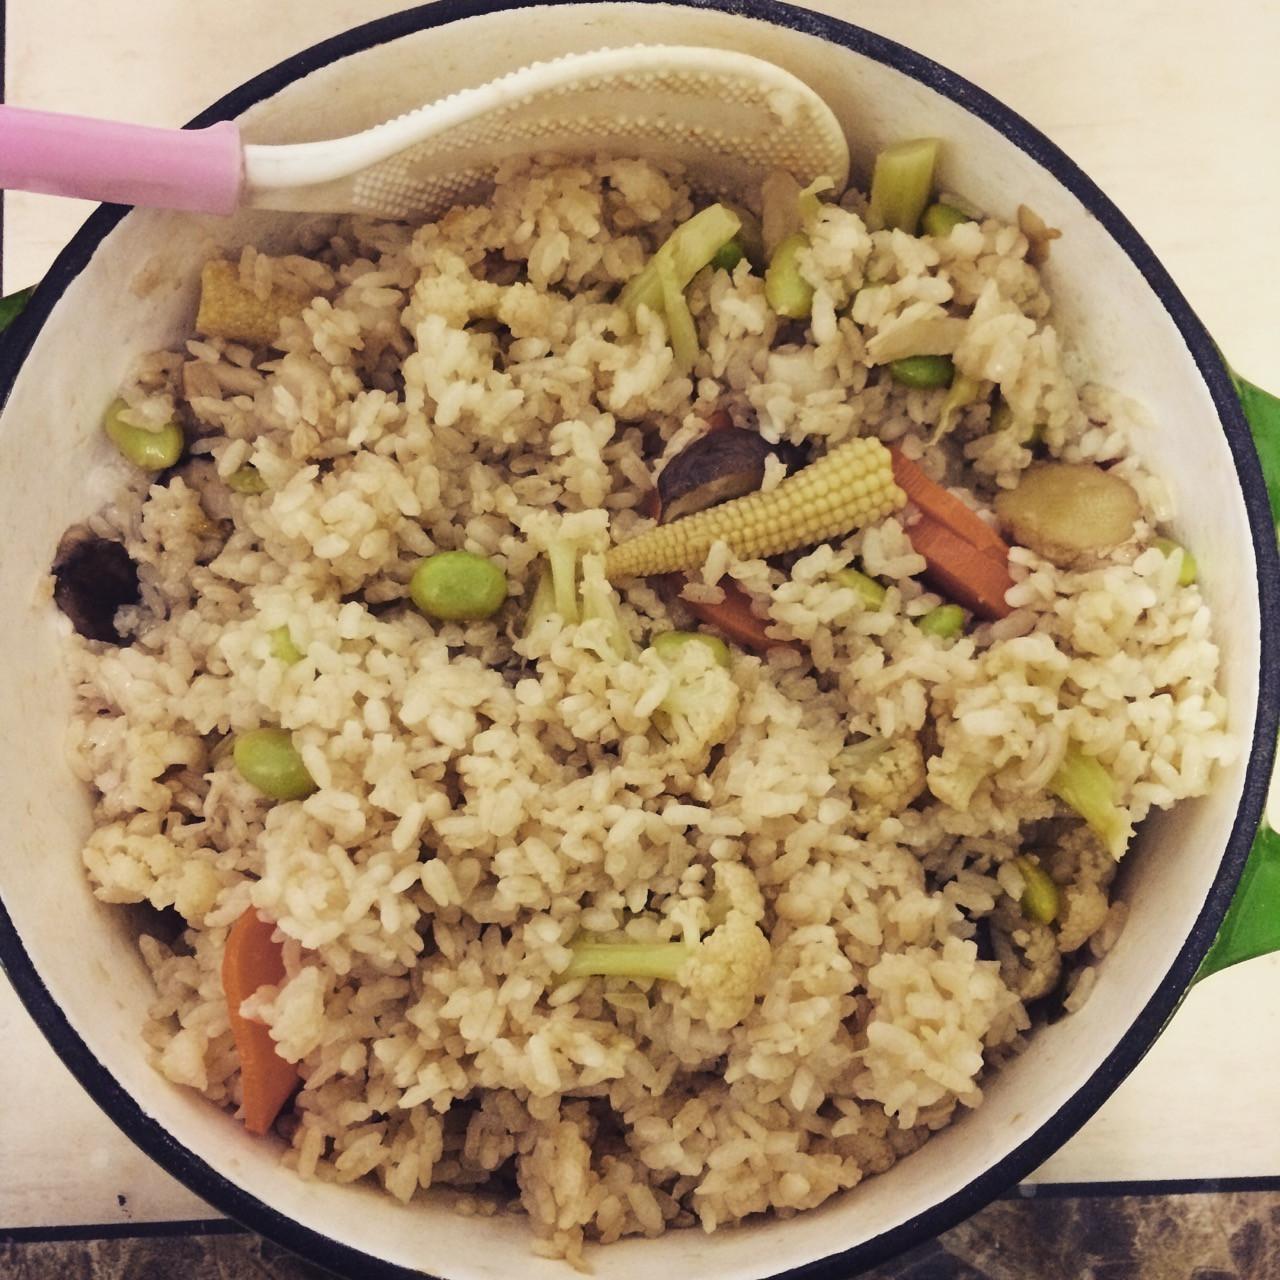 【鑄鐵鍋】一鍋到底麻油菇菇炊飯